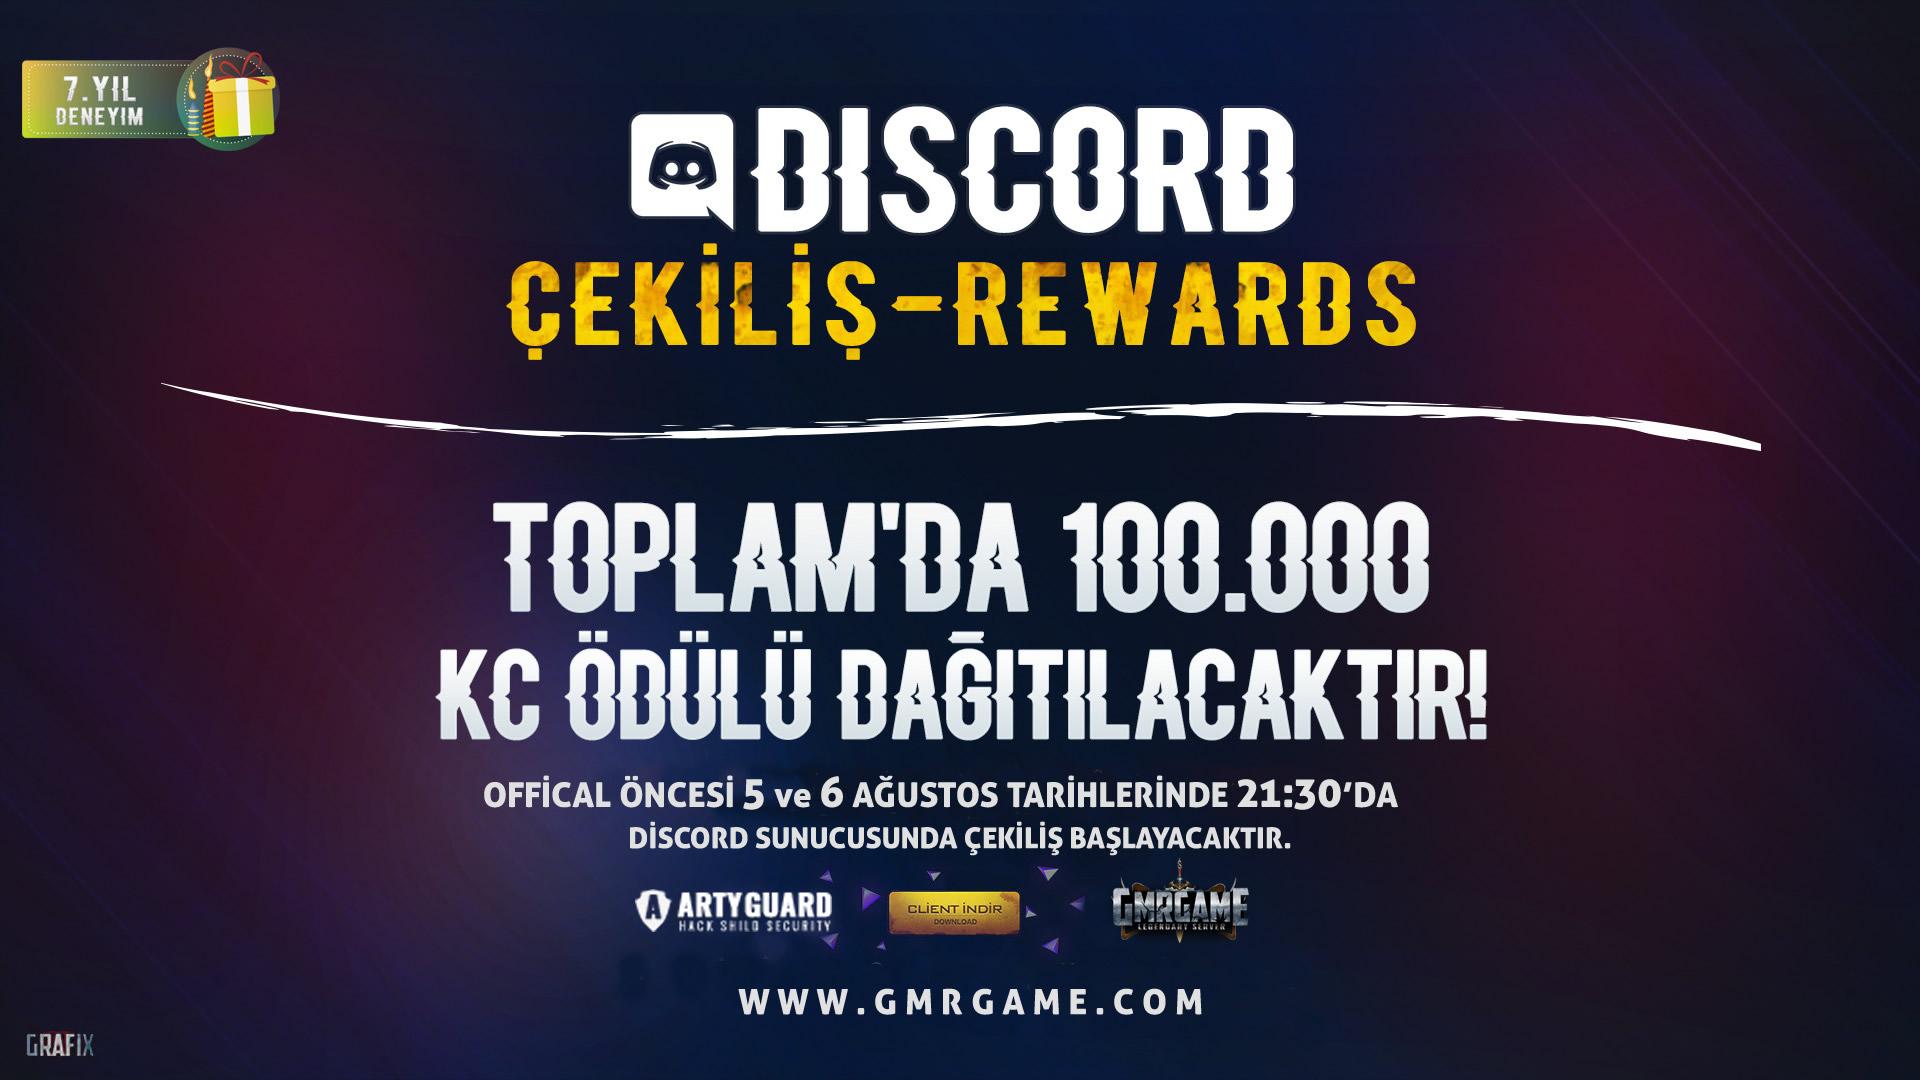 DISCORD TOPLAM 100.000 KC ÇEKILIŞI (05.08.2020 - 21:30) (06.08.2020 - 21:30) - GmrGame